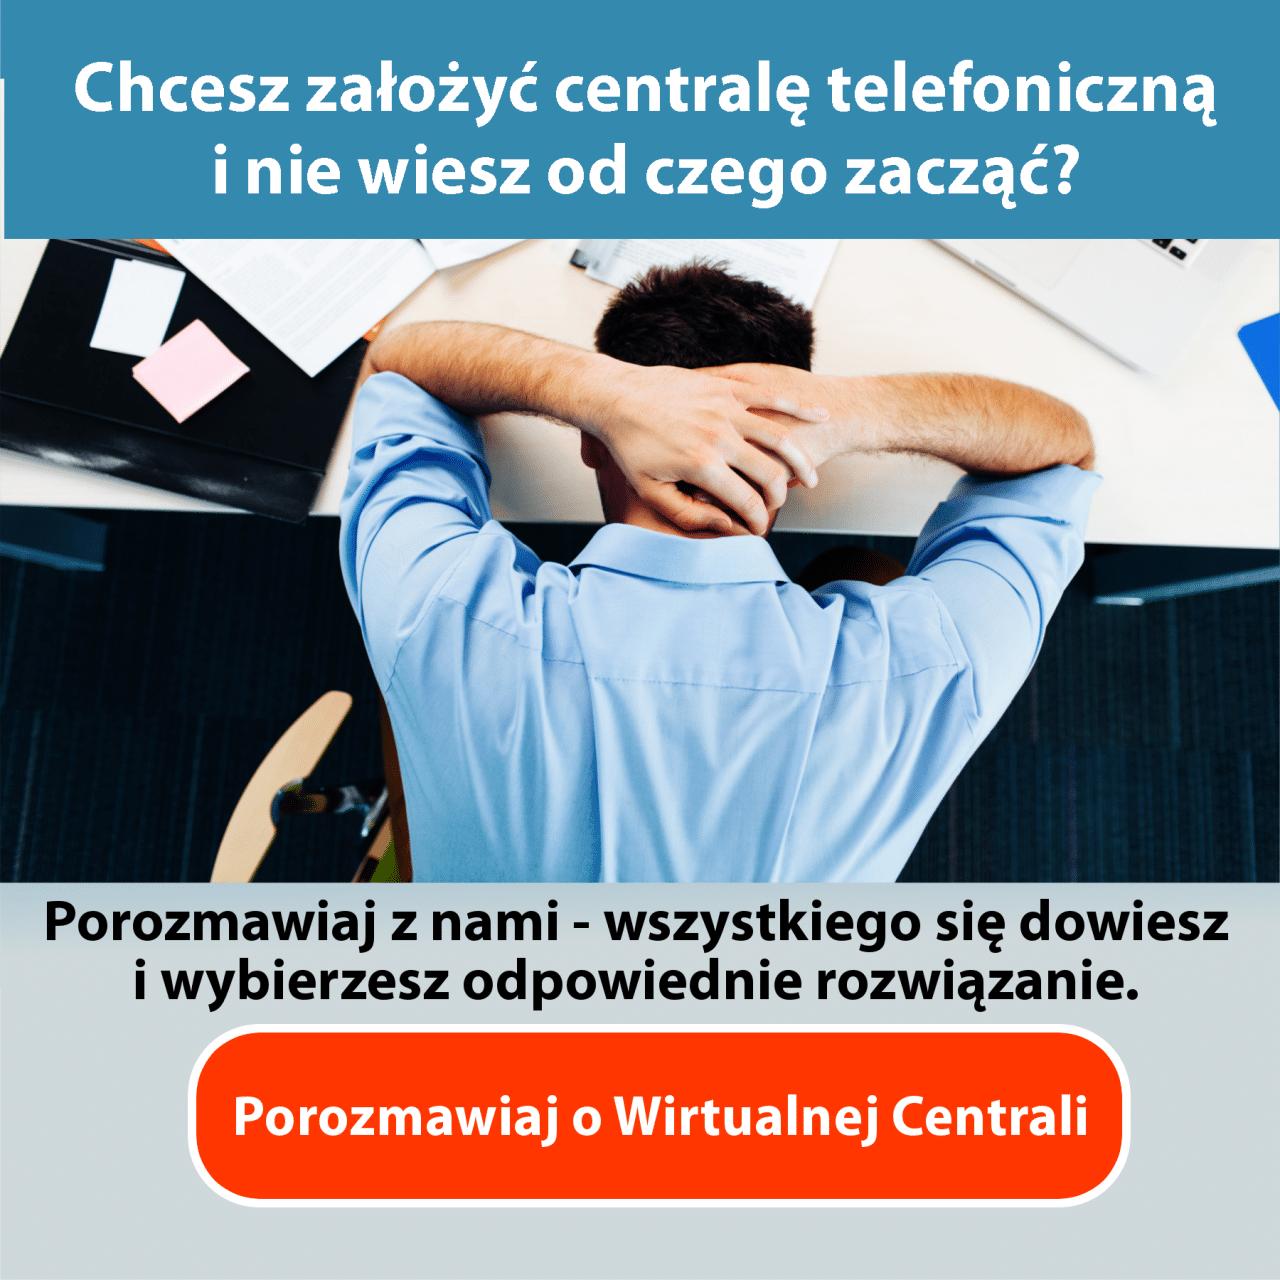 Jak założyć call contatct center - skontaktuj się z nami, pomożemy!